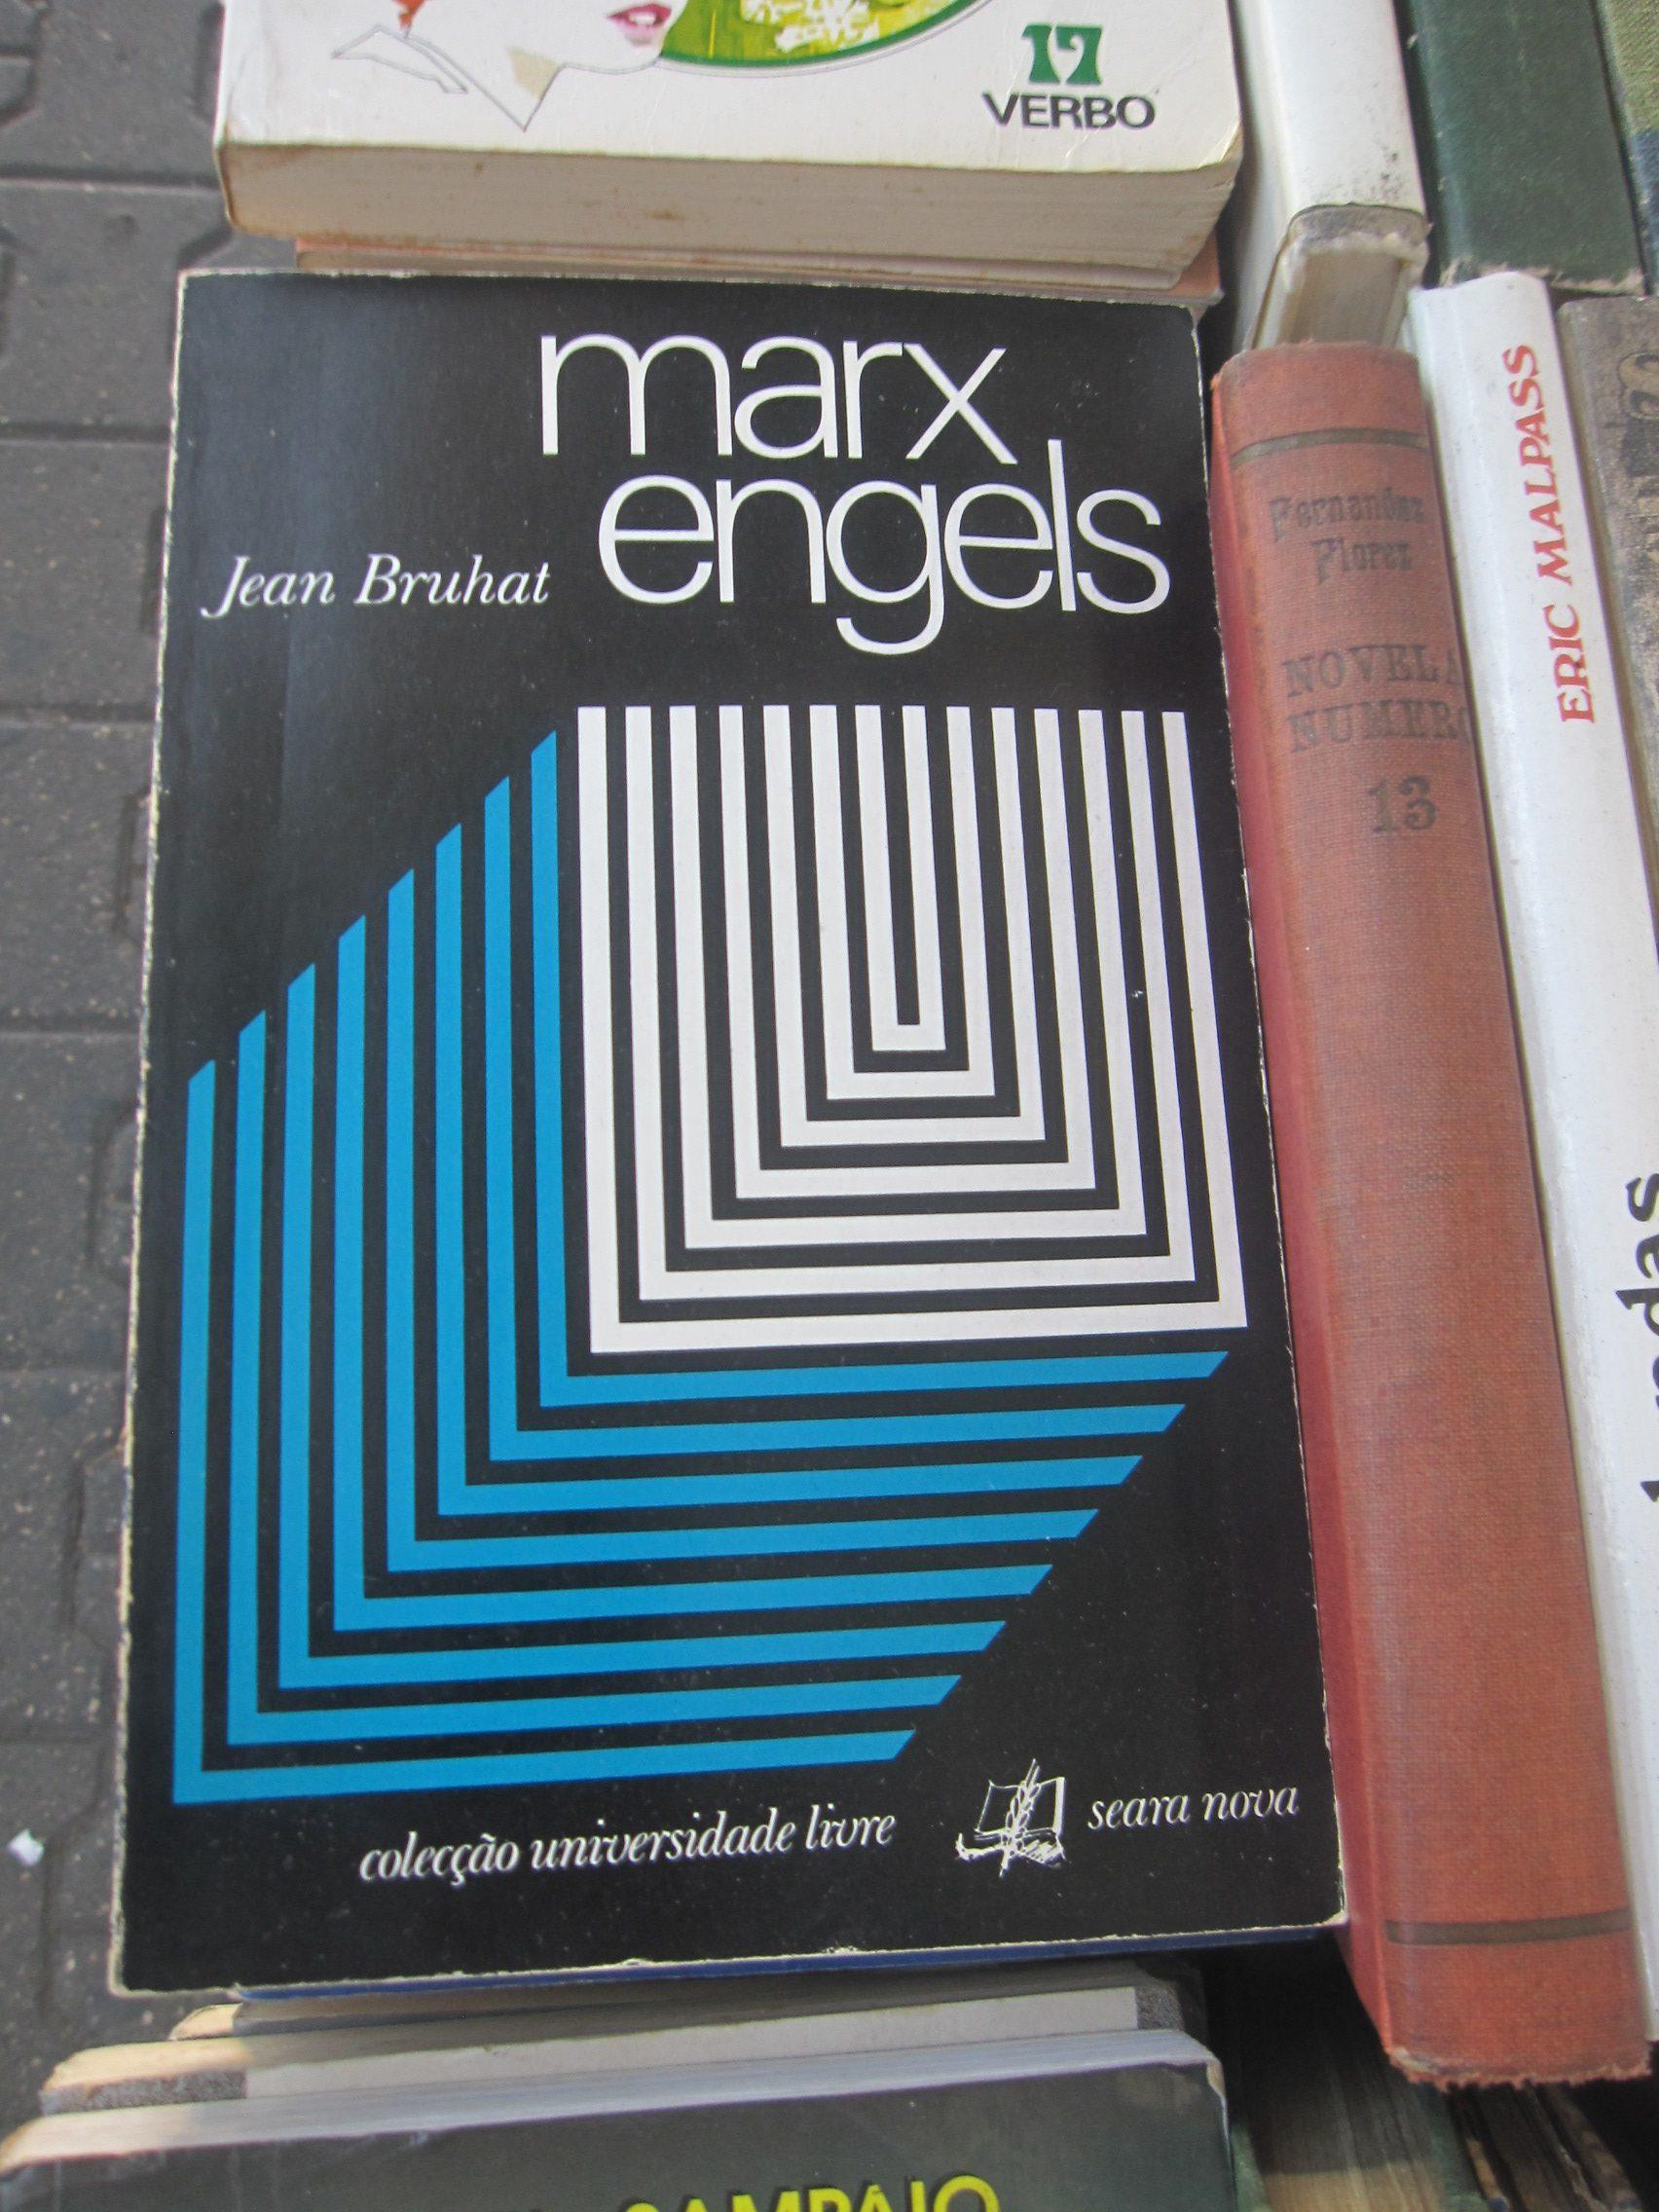 Bruhat-Marx